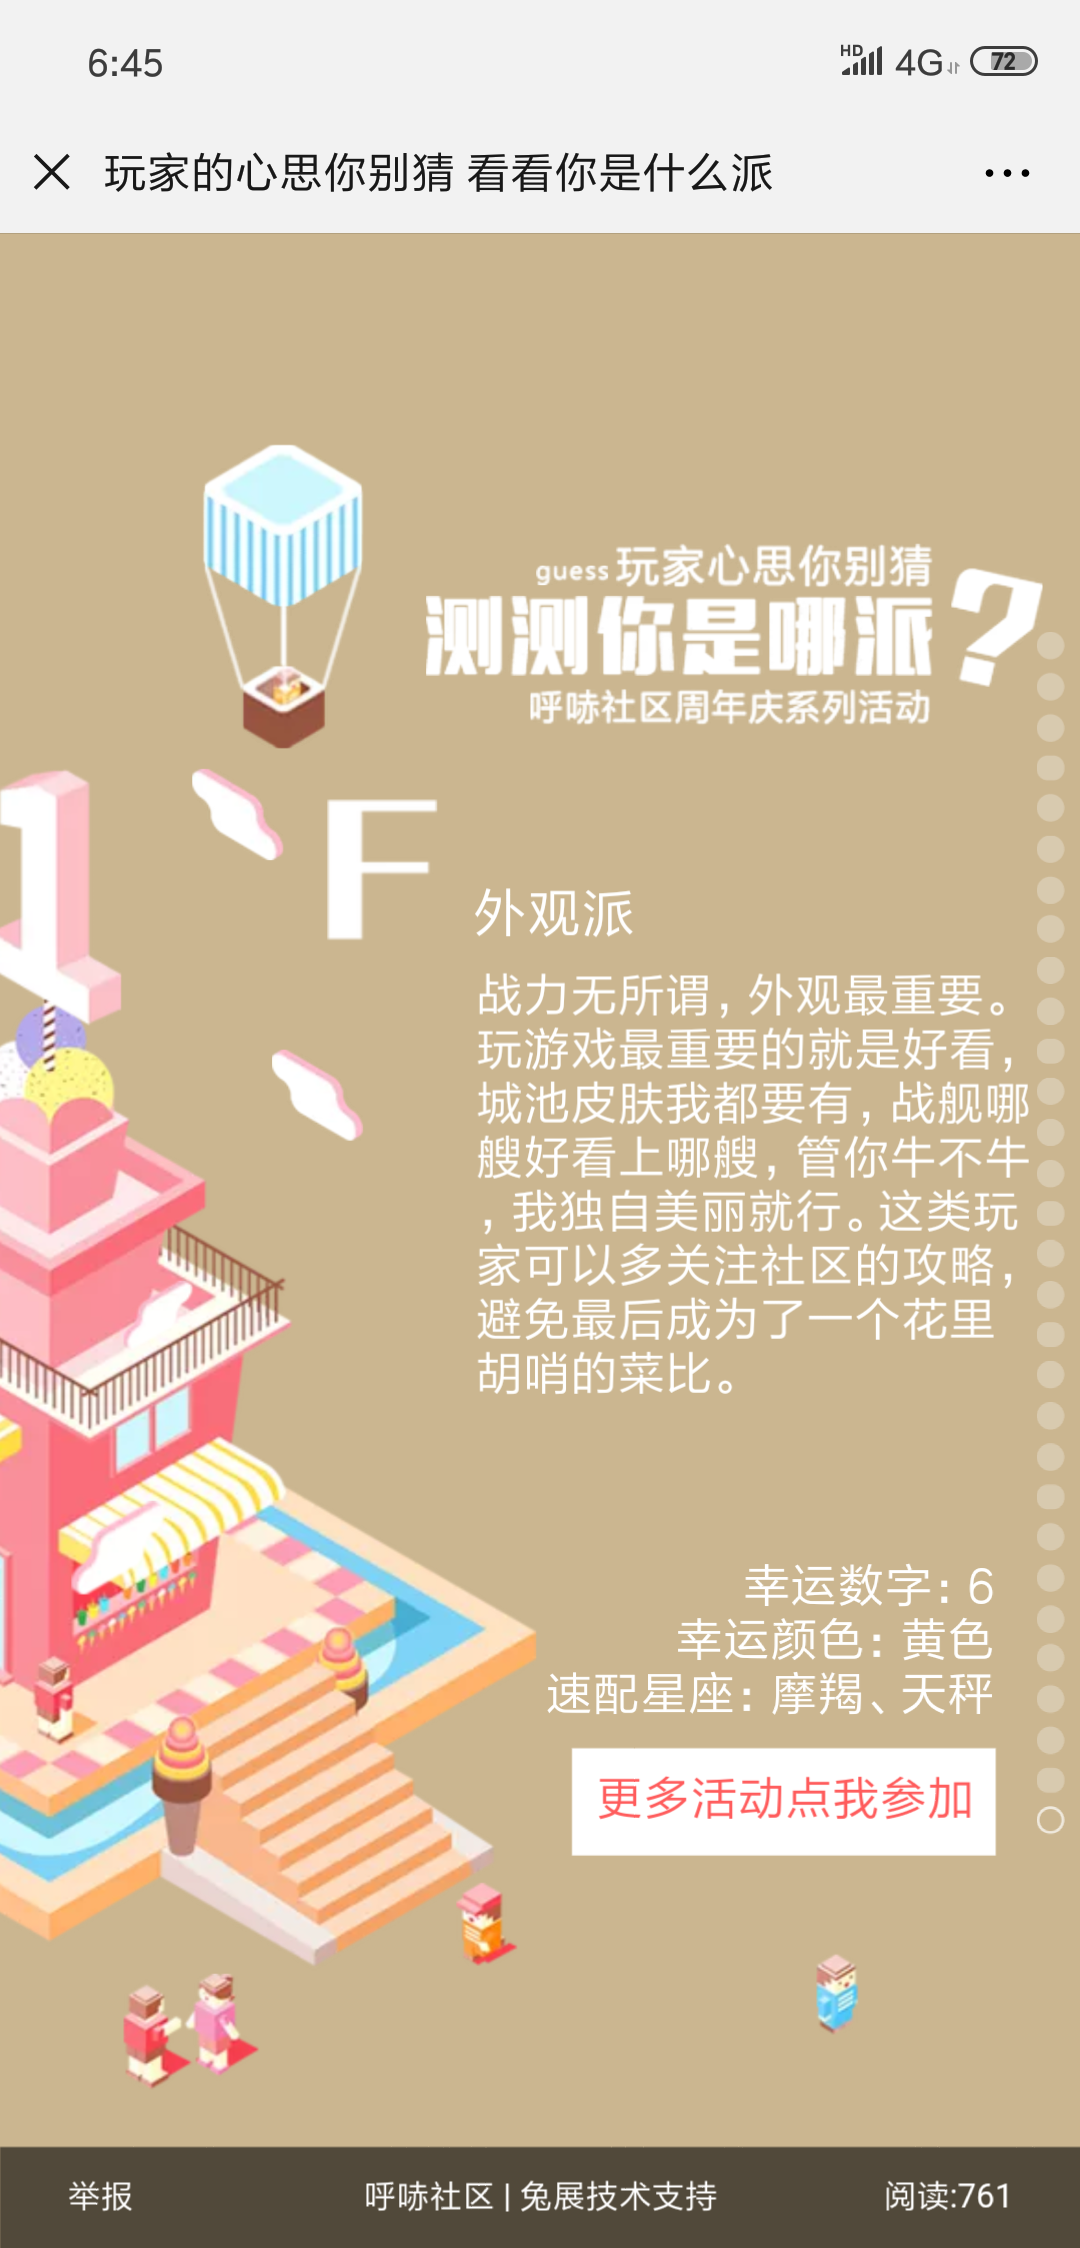 Screenshot_2019-07-26-06-45-39-556_com.tencent.mm.png